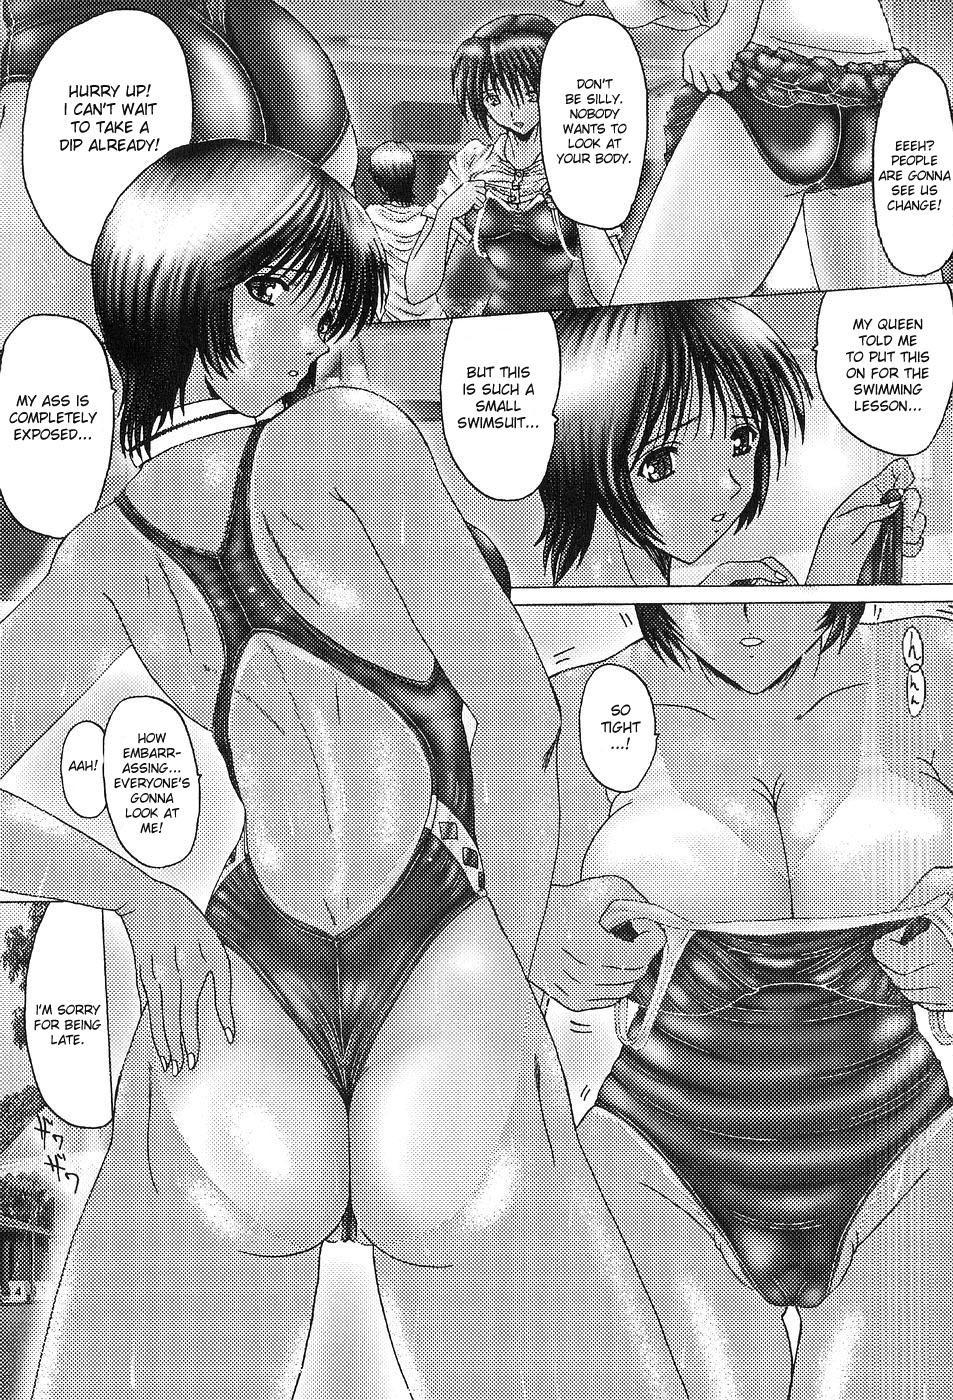 [Onibara] Roshutsu Mazo to Nikutai Joousama - Queen & Slave Ch. 1-5 [English] [desudesu] 28